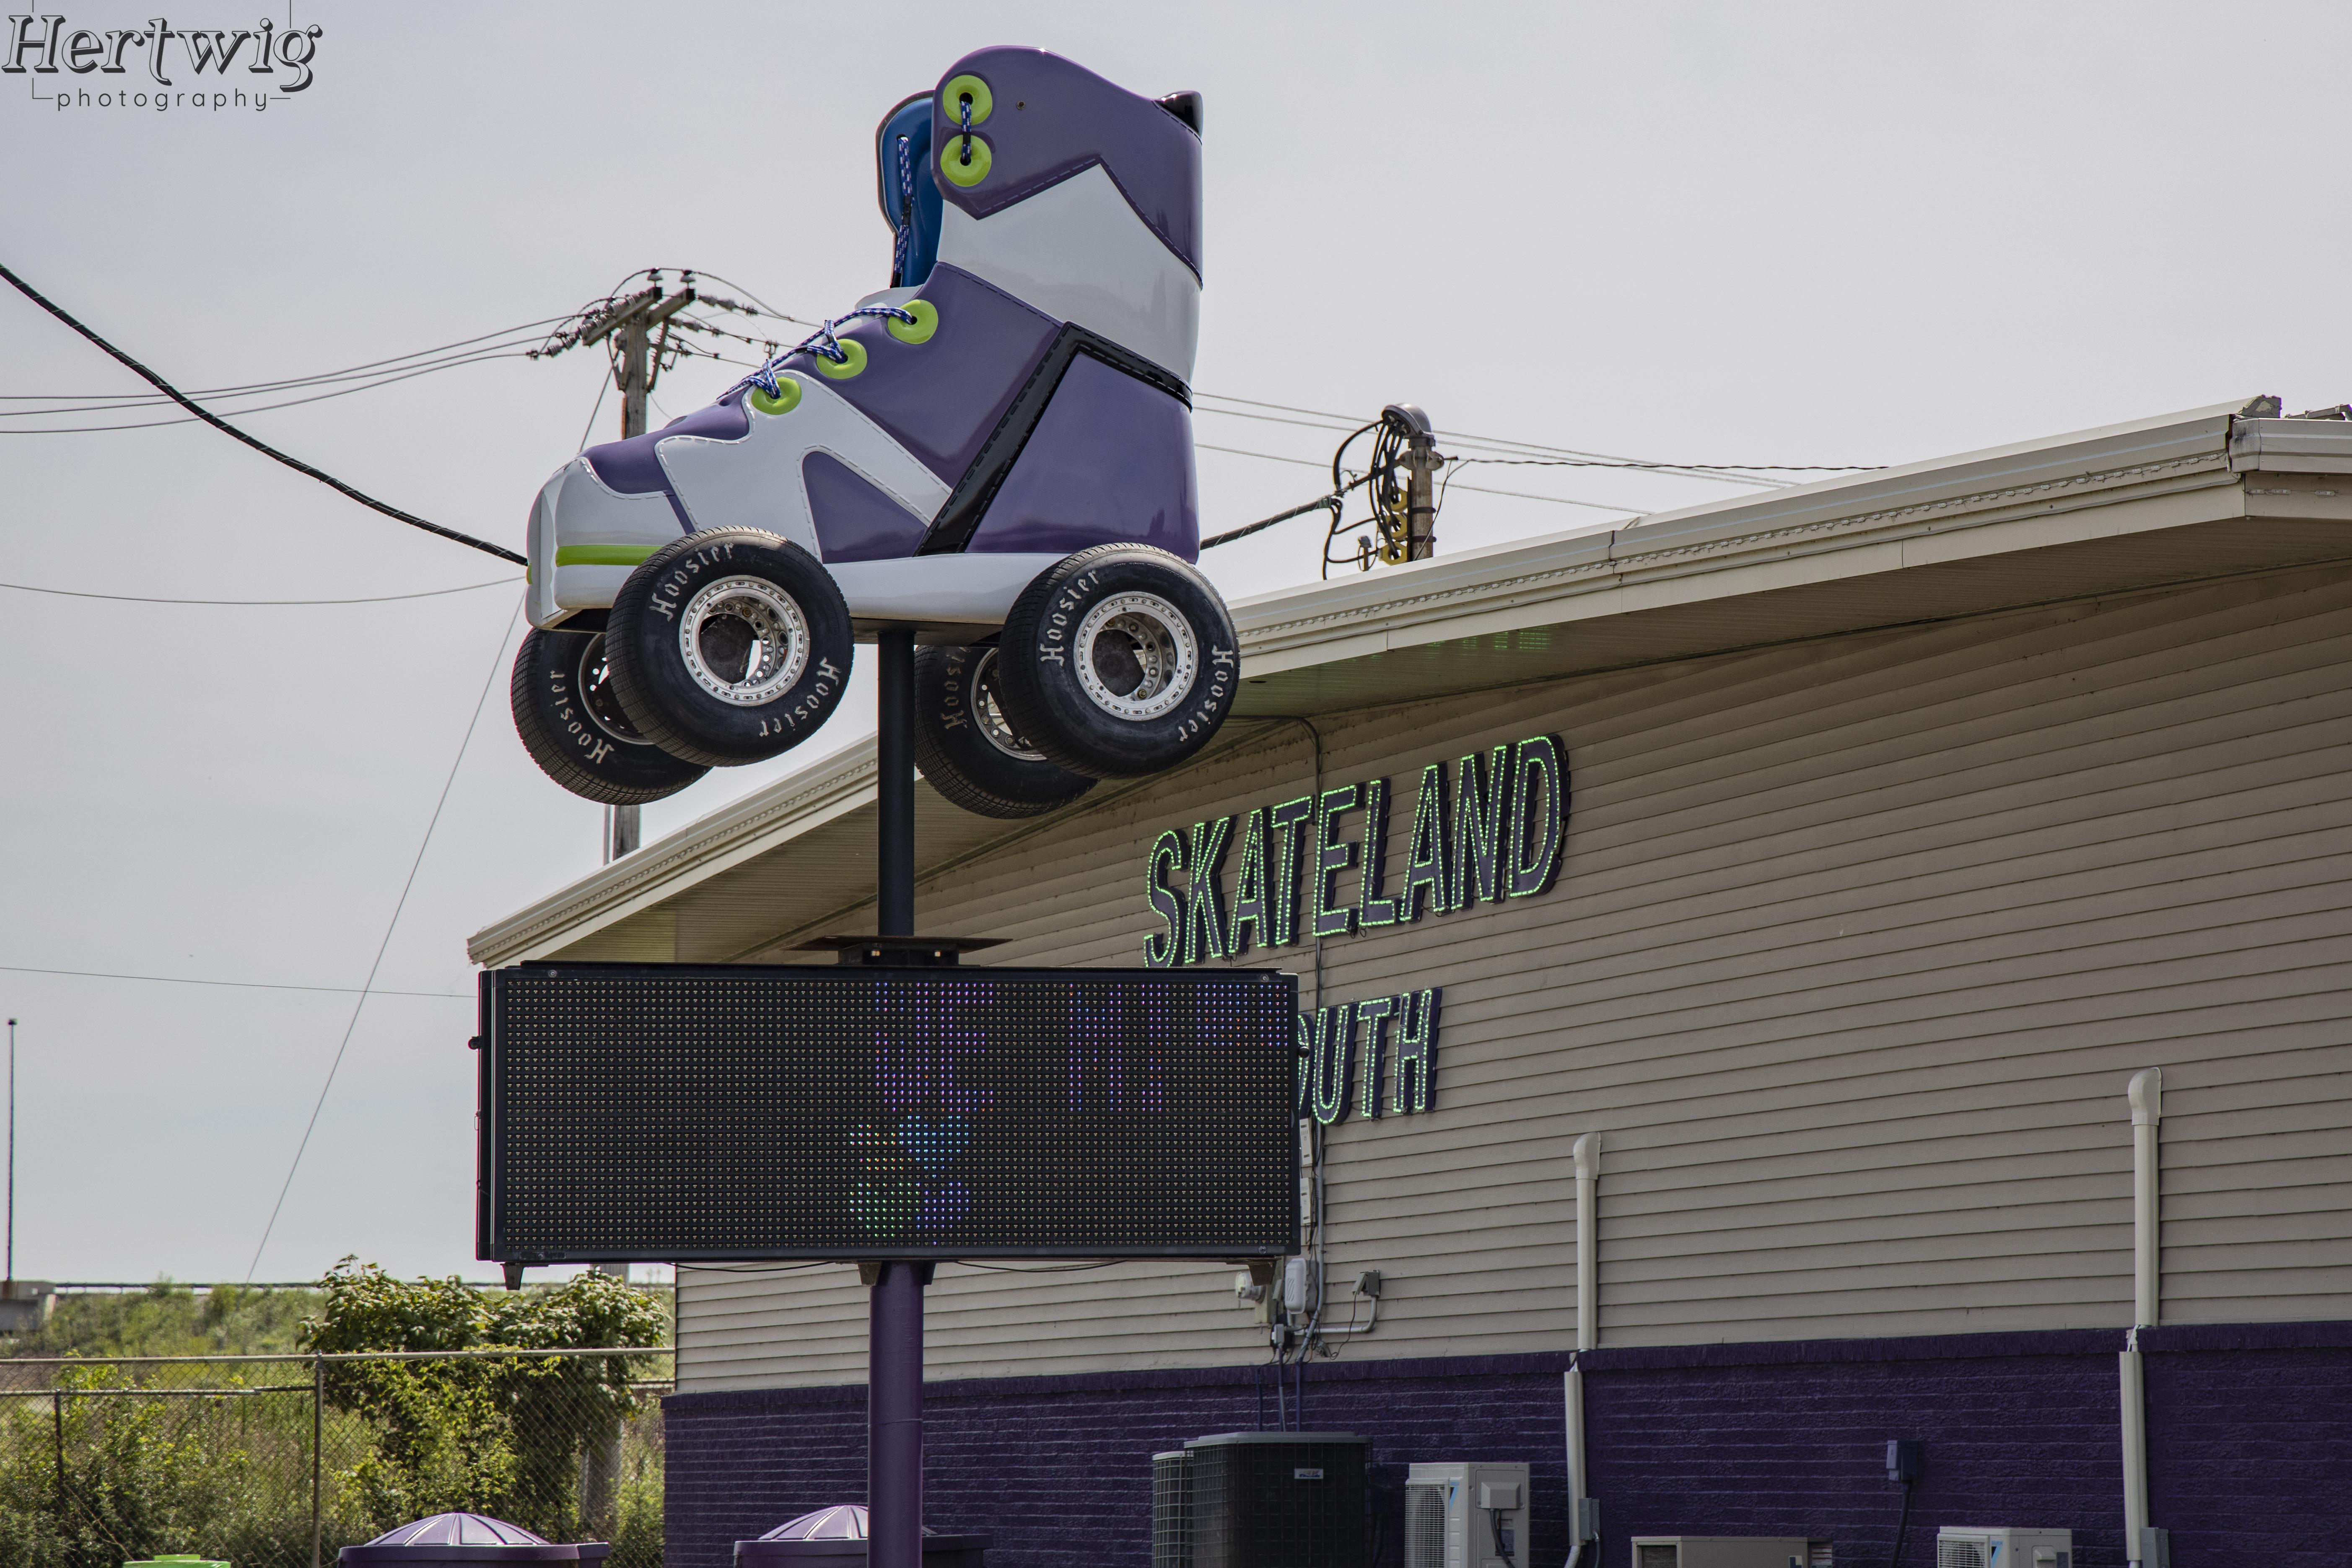 Skateland South